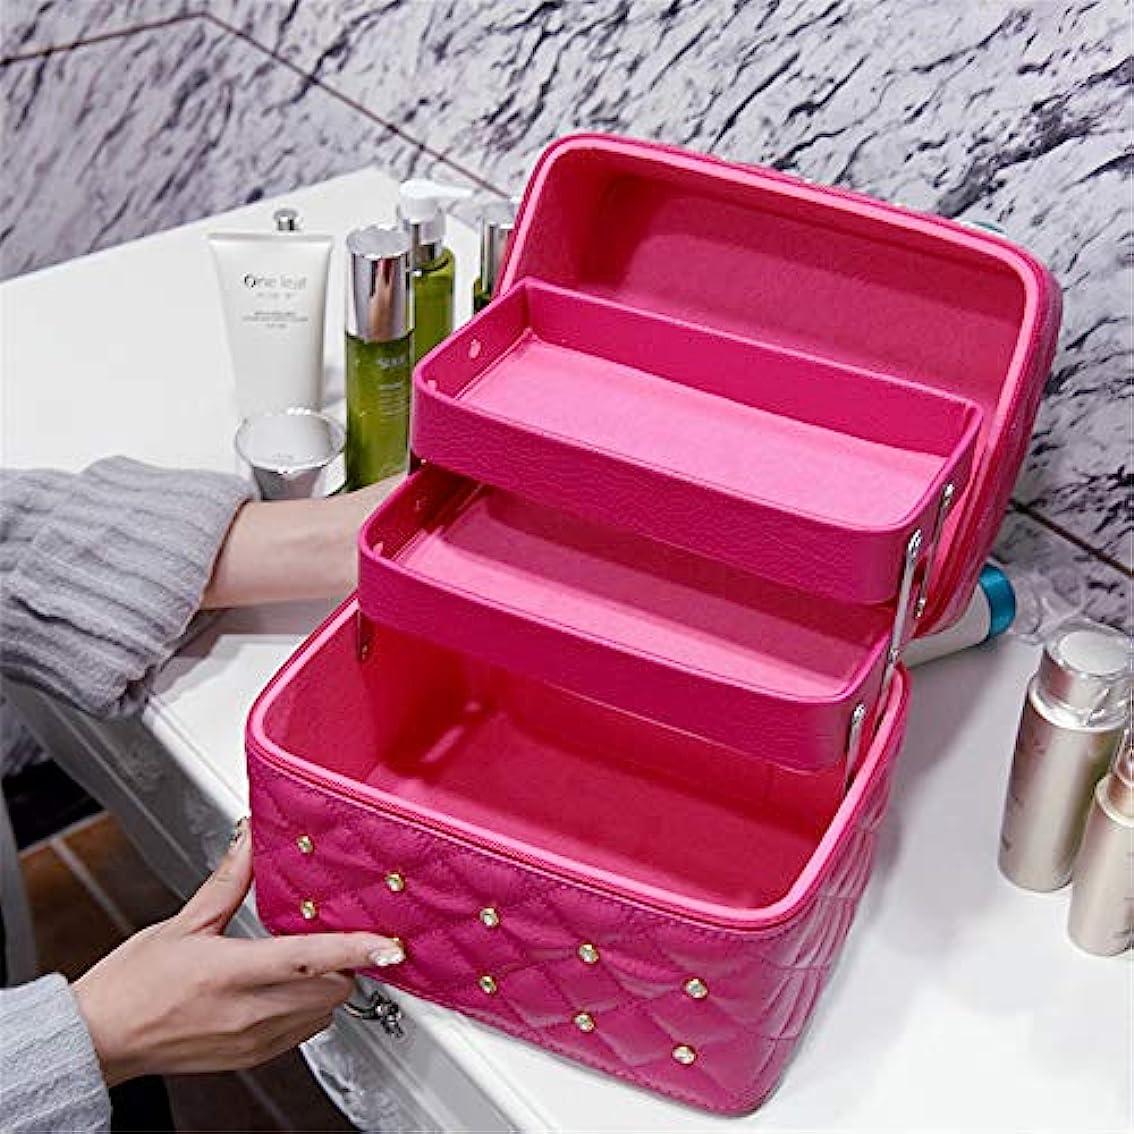 ソーダ水ランチョン無効にする特大スペース収納ビューティーボックス 美の構造のためそしてジッパーおよび折る皿が付いている女の子の女性旅行そして毎日の貯蔵のための高容量の携帯用化粧品袋 化粧品化粧台